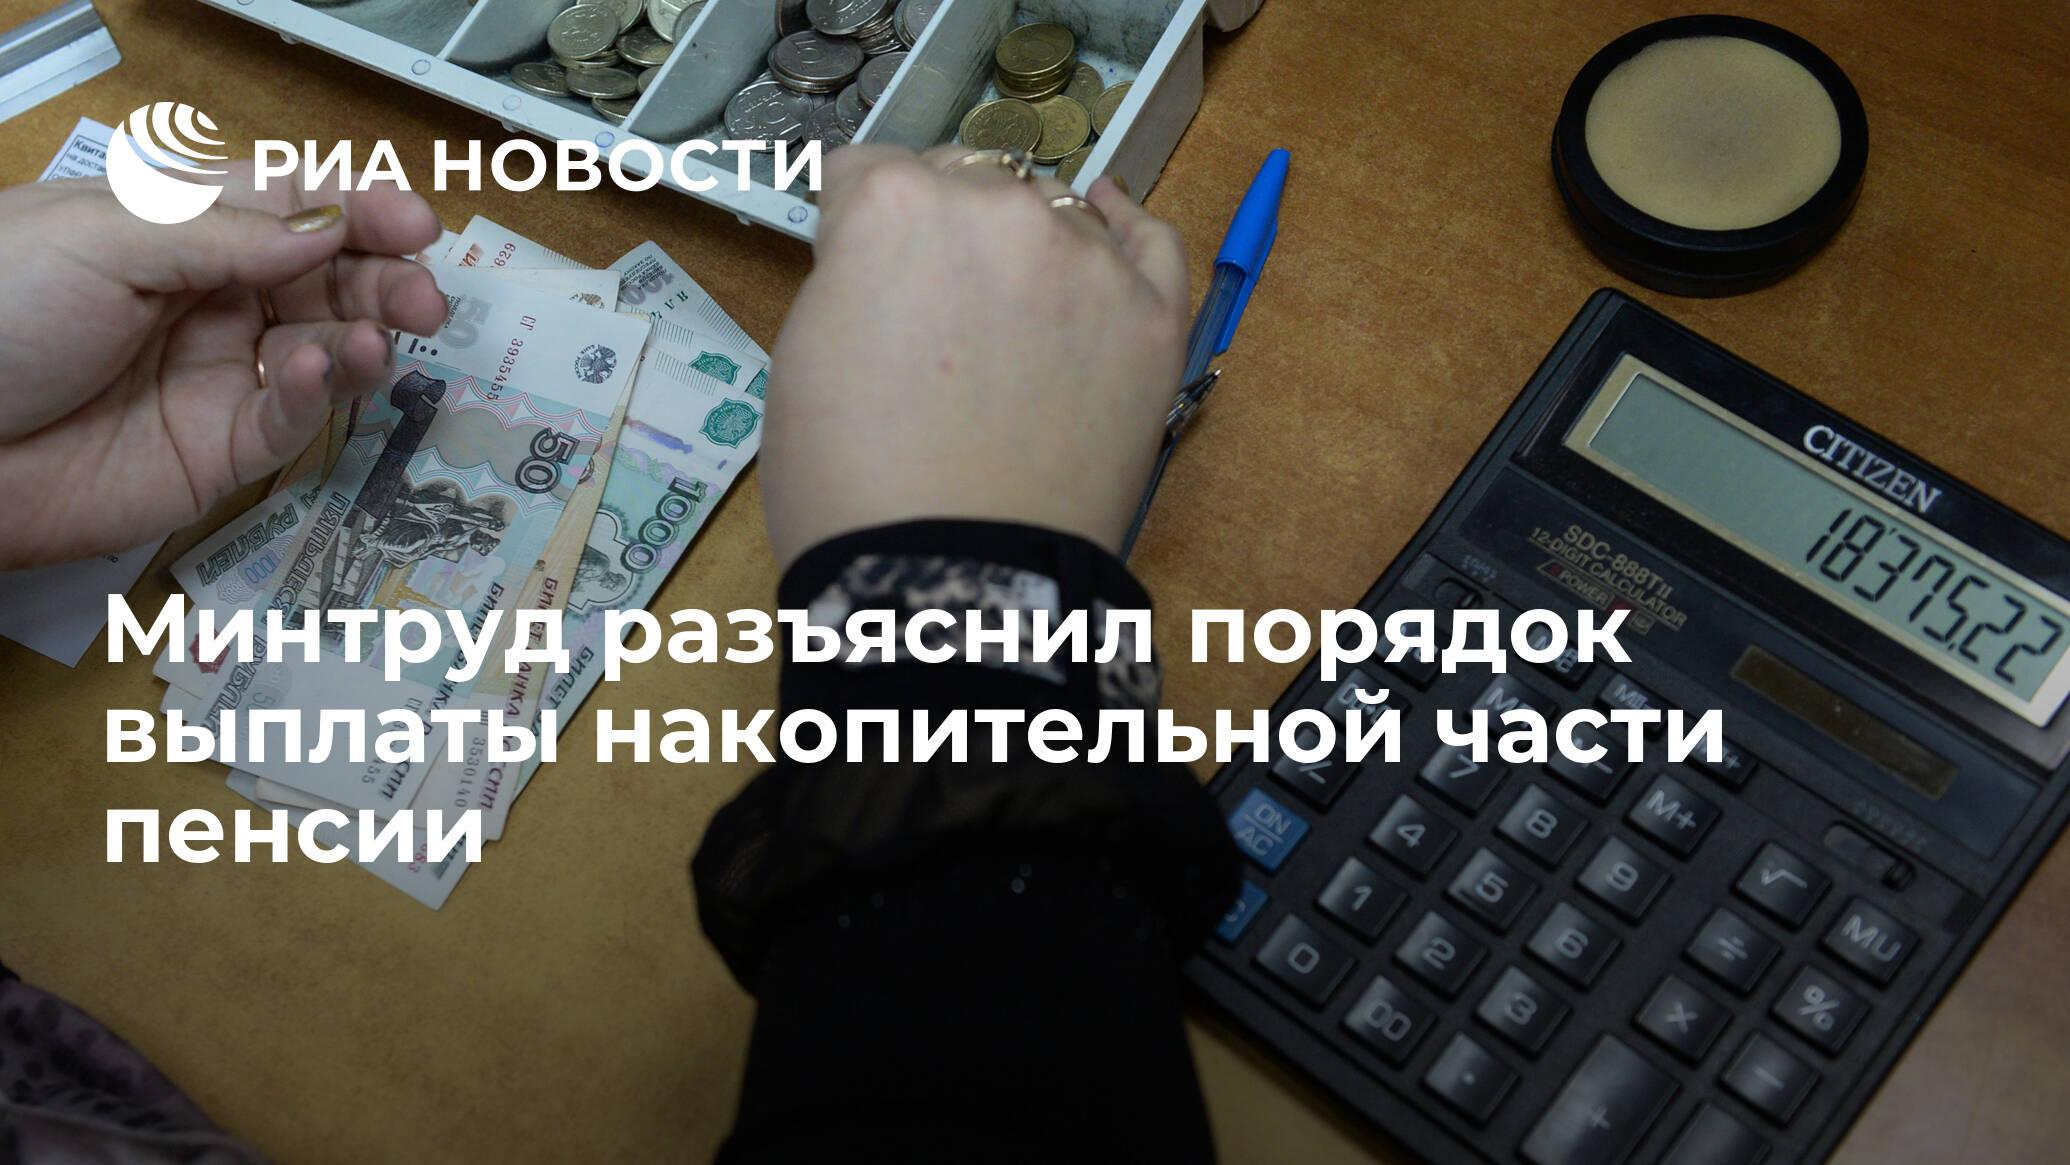 Минтруд разъяснил порядок выплаты накопительной части пенсии - РИА НОВОСТИ